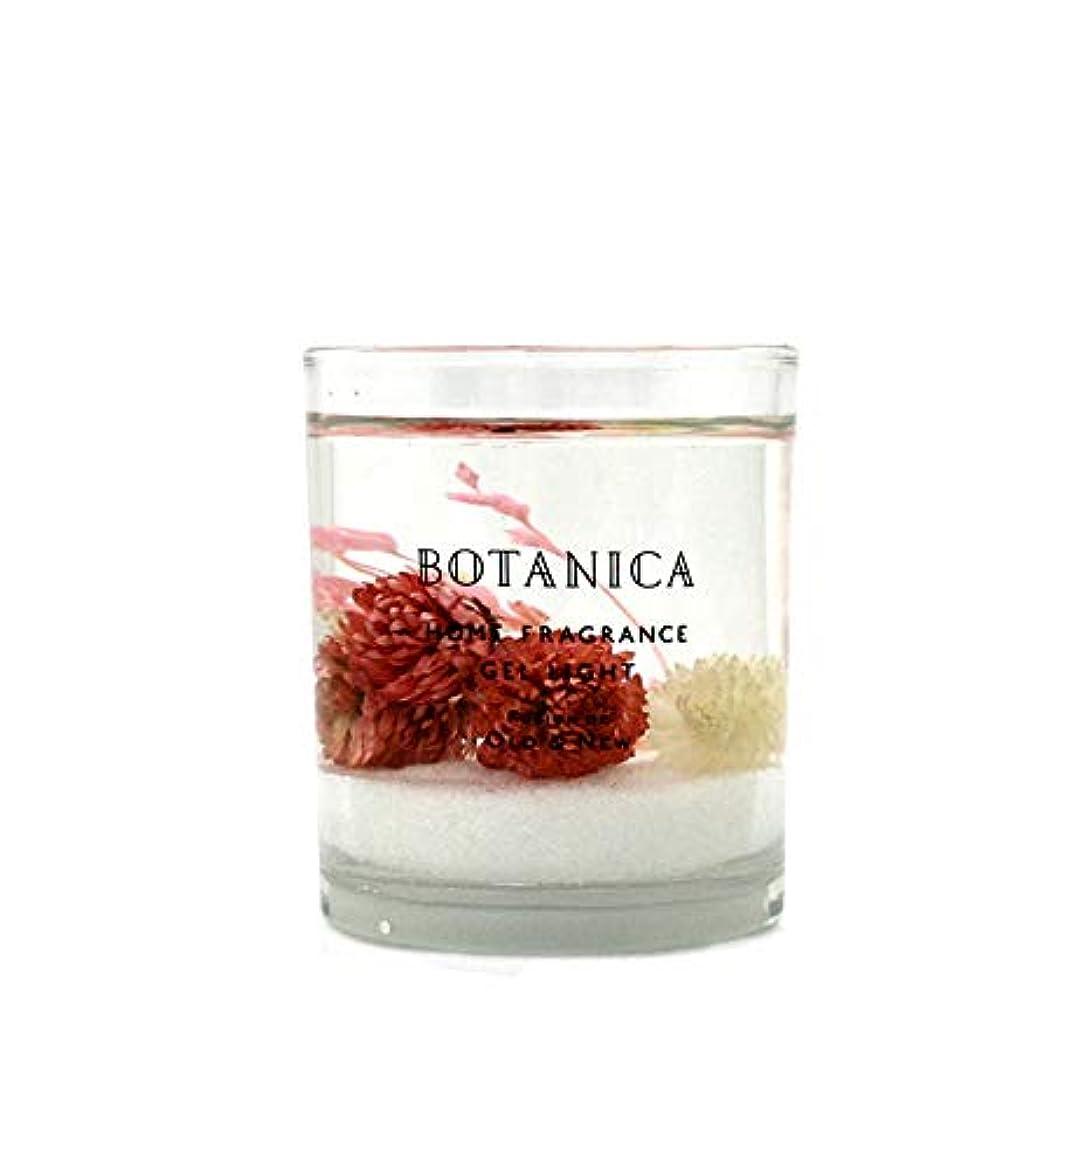 ドキドキアルバムコーチBOTANICA(ボタニカ) BOTANICA ハーバリウムジェルライト プリムフラワー Herbarium Gel Light Primm Flower ボタニカ H75×Φ60mm/90g